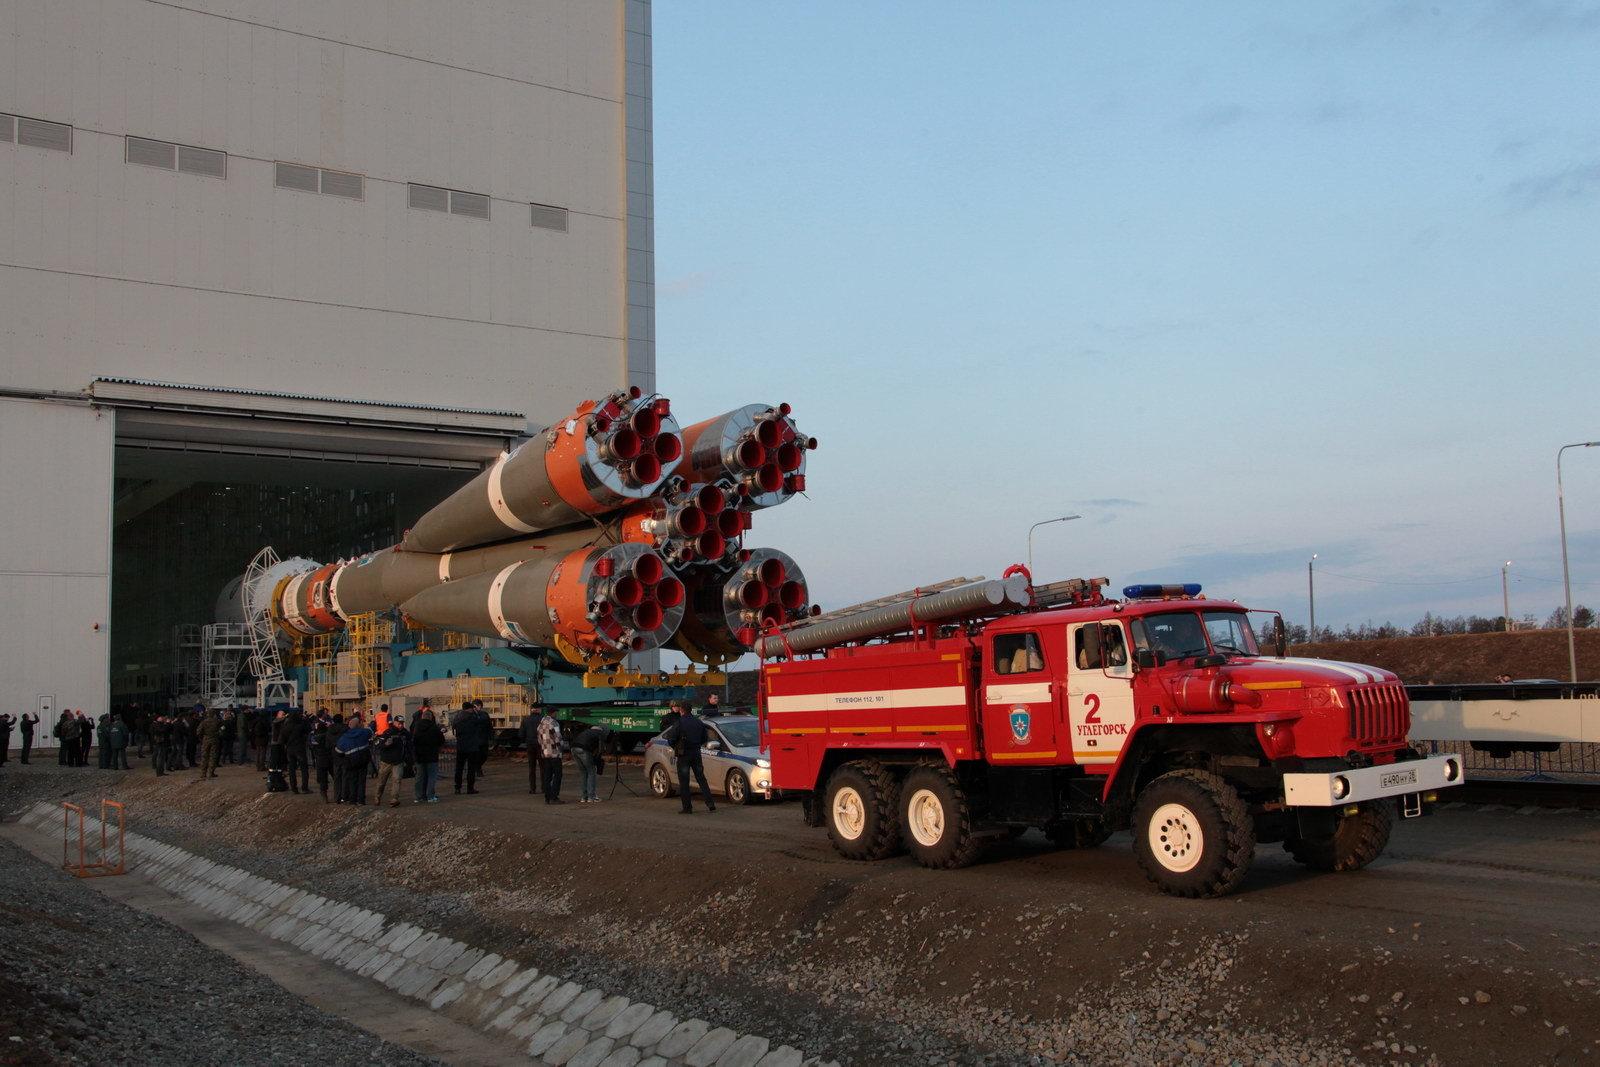 На космодроме Восточный установили ракету-носитель «Союз 2.1а» для первого запуска - 5